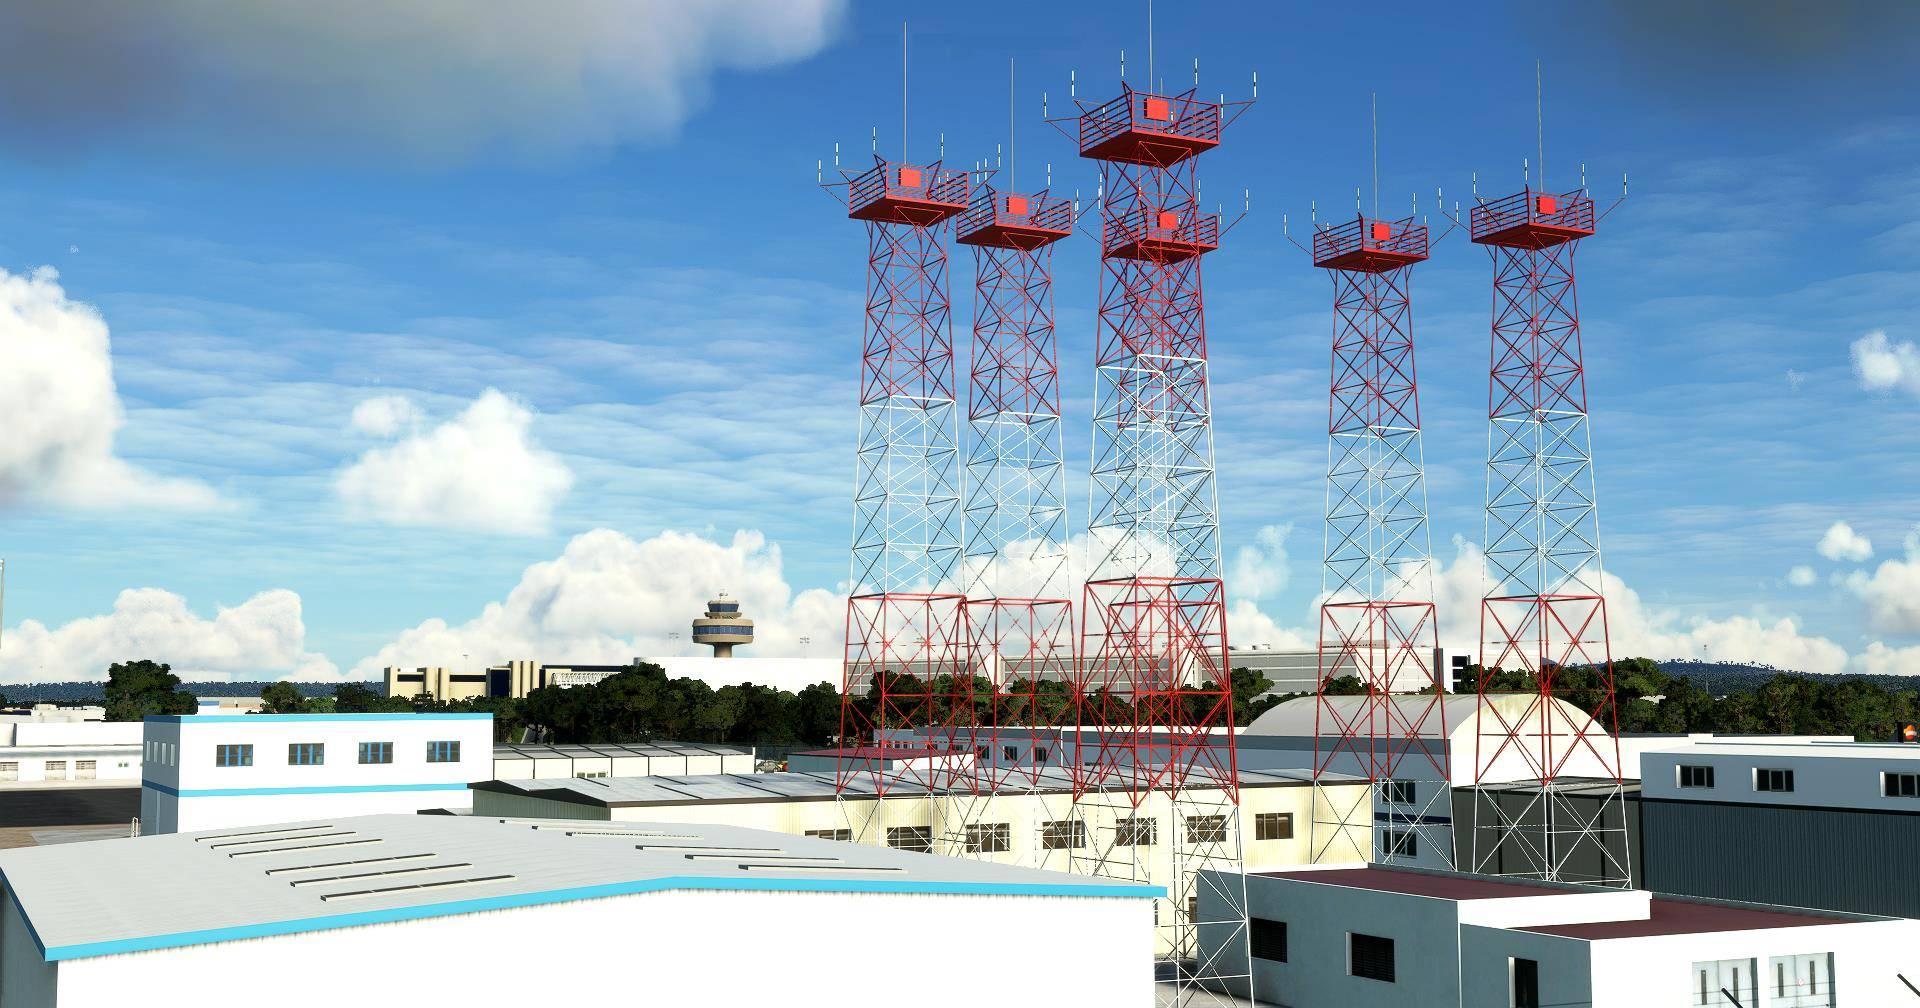 palma-de-mallorca-airport-microsoft-flight-simulator_46_ss_l_211008080123